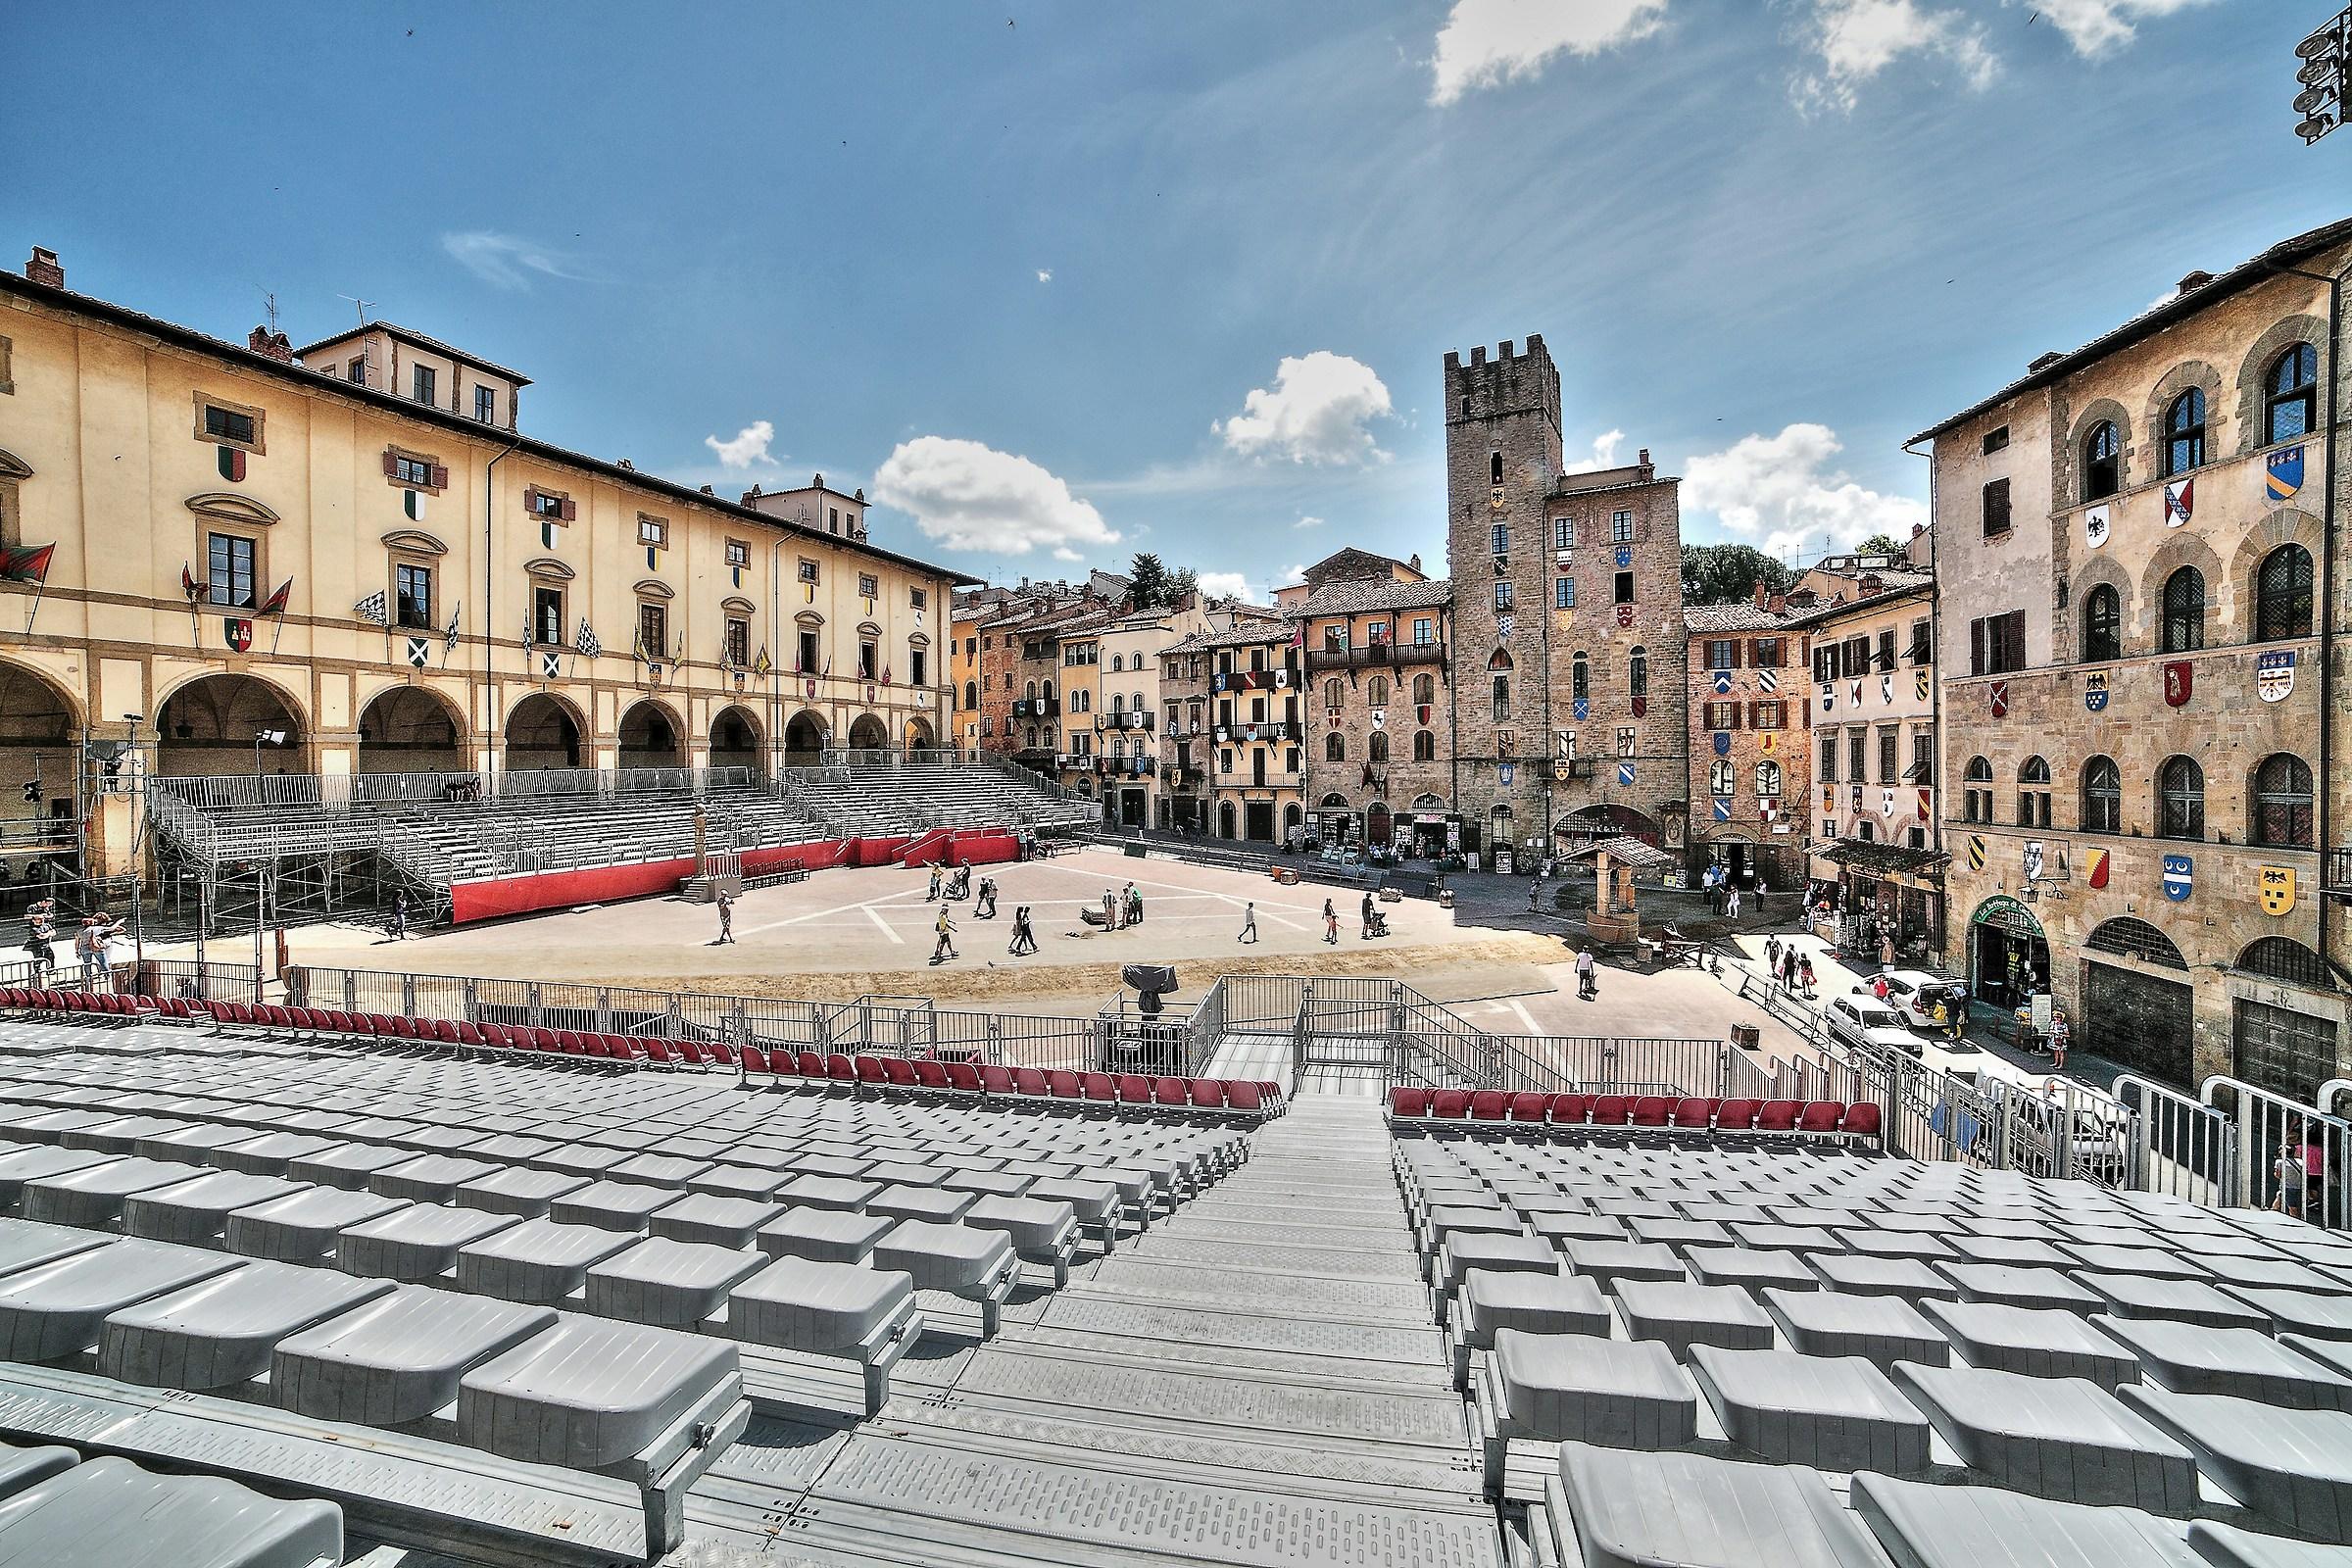 Piazza Grande is waiting...